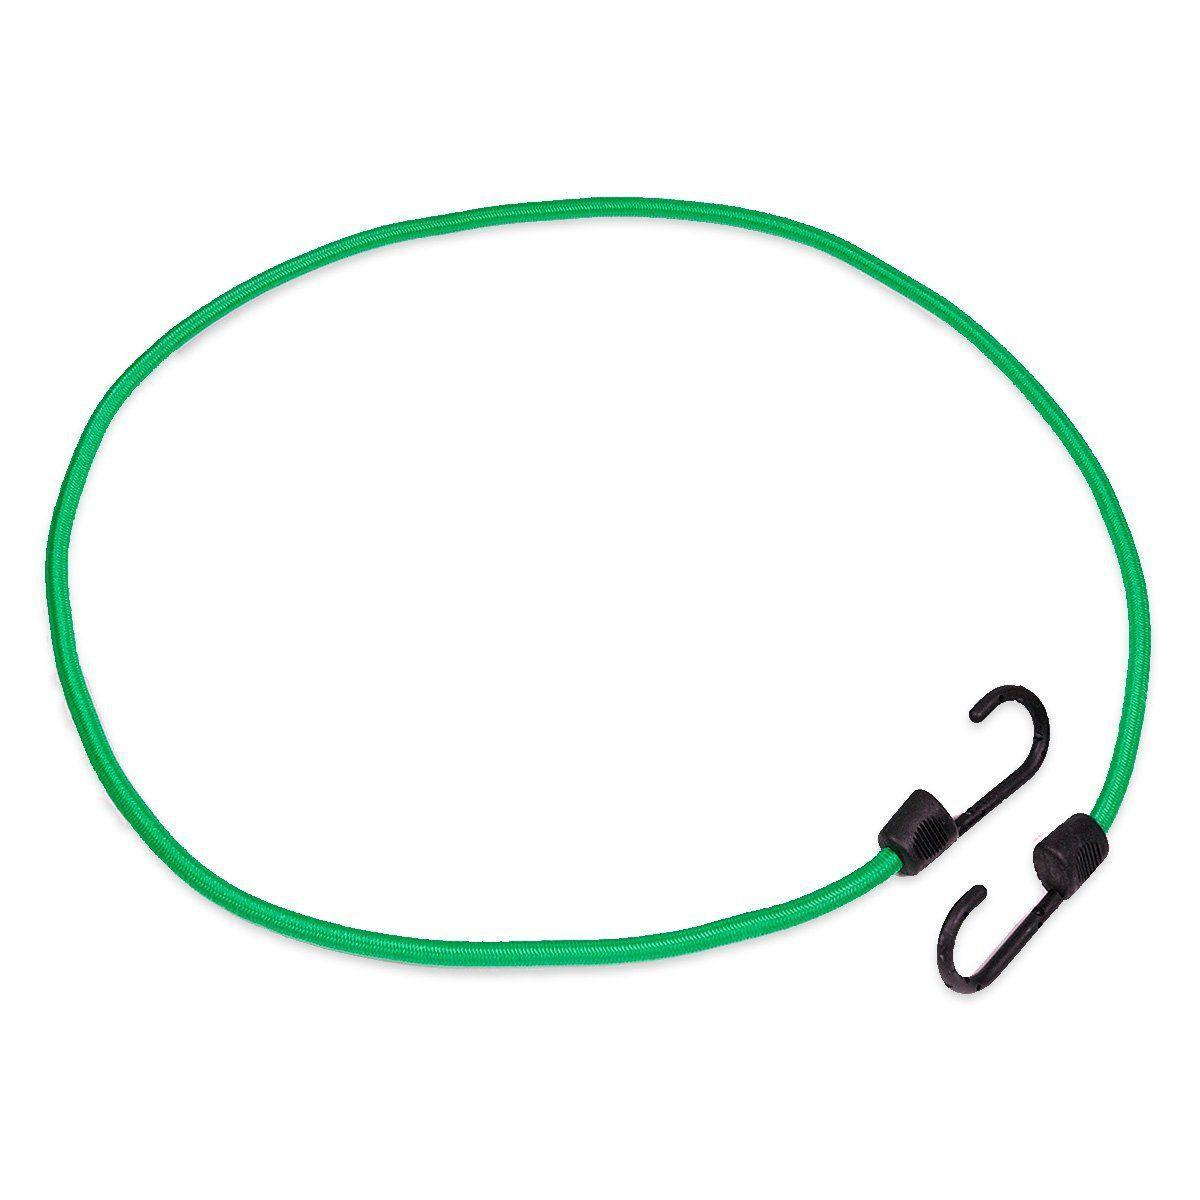 Corda Elástica Extensor Carga Com Gancho 1,2 Metros Verde